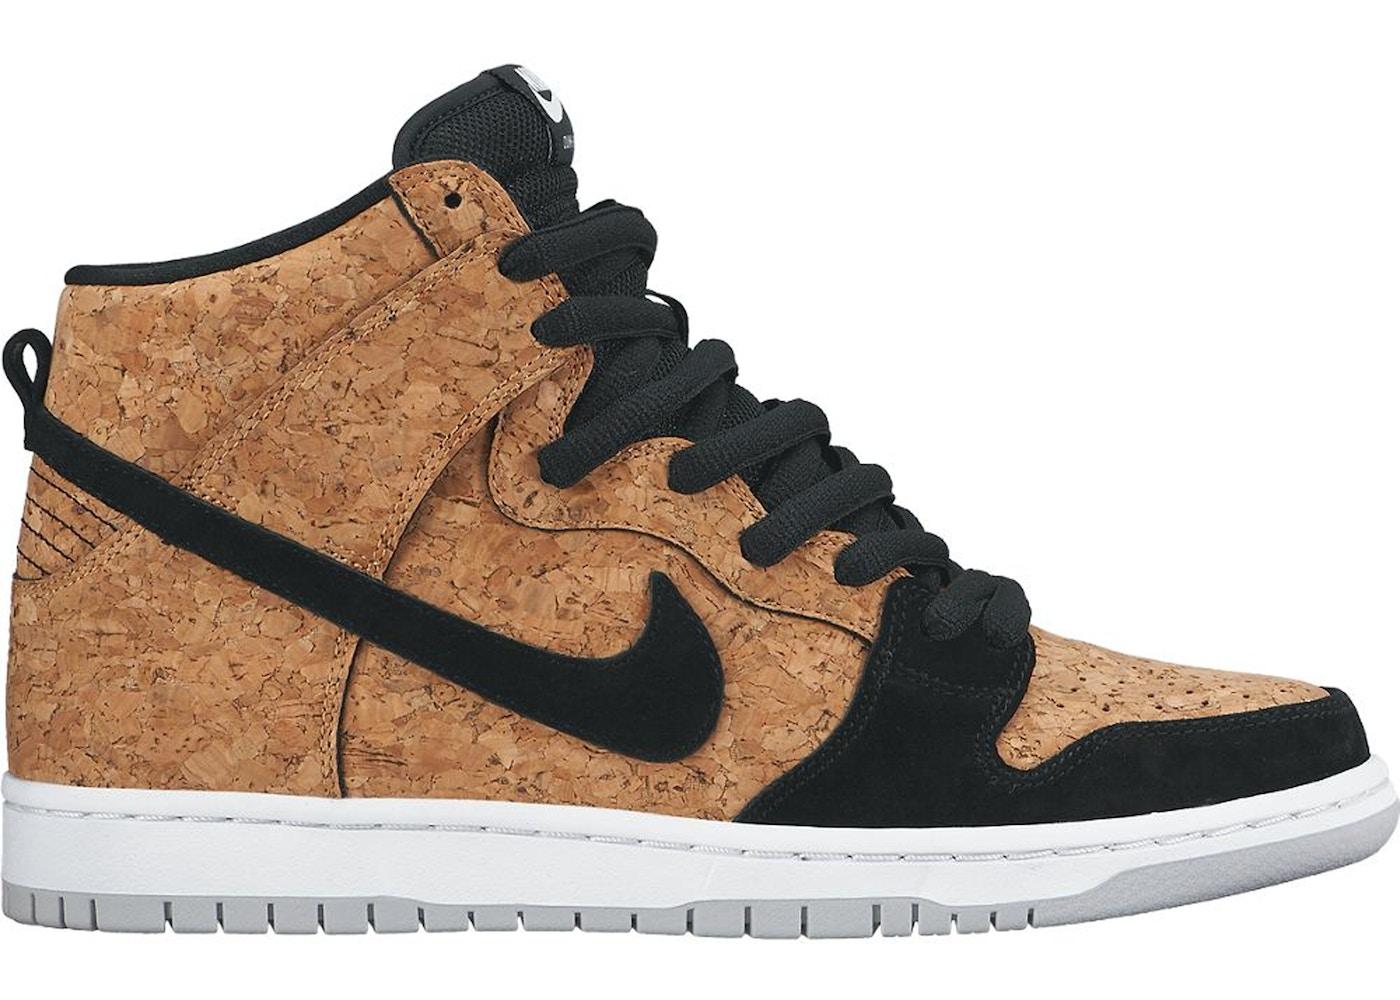 hot sale online e84df 8d995 Nike SB Dunk High Cork